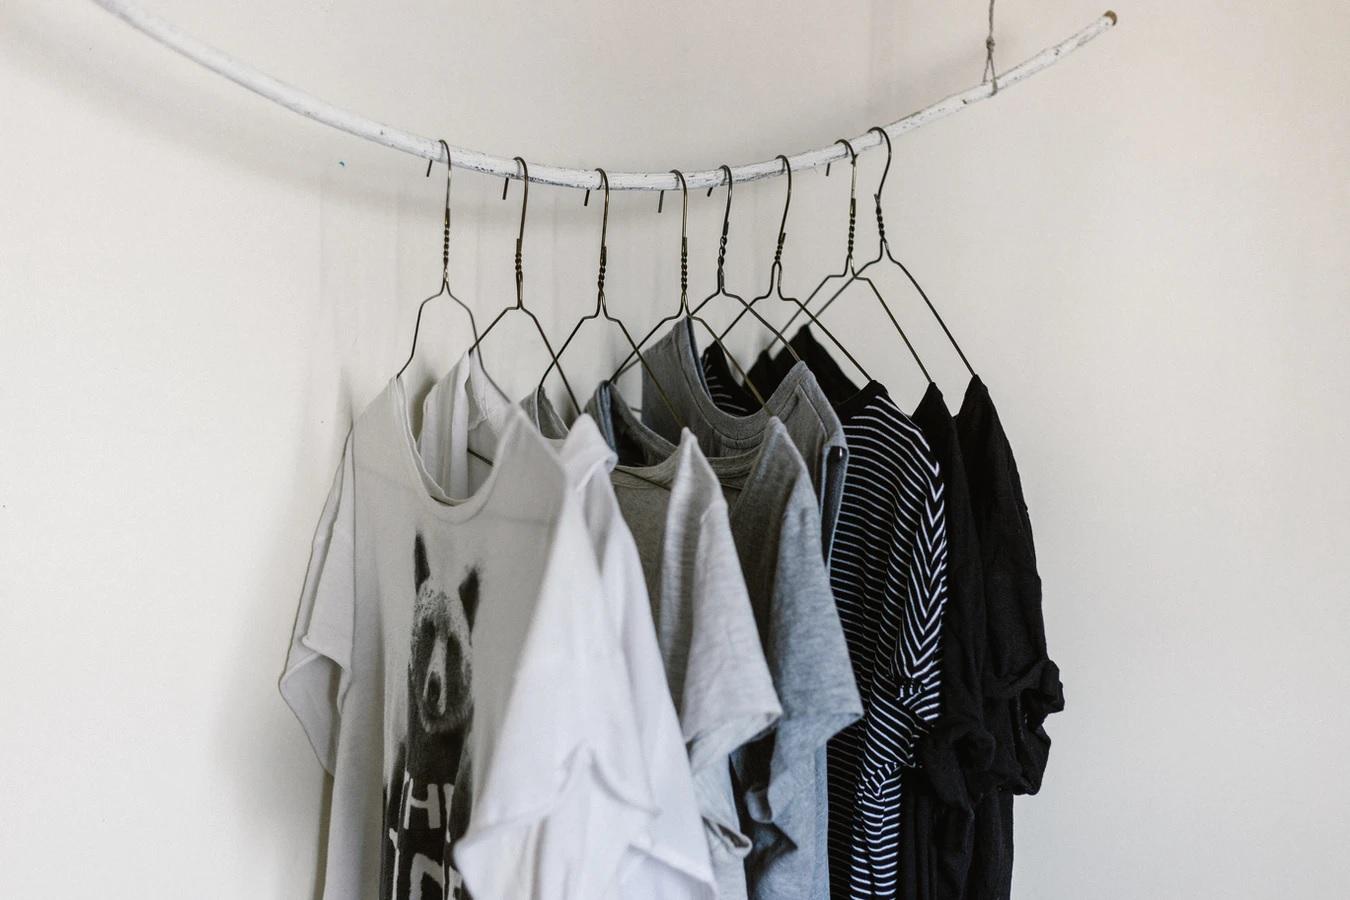 Macam-Macam Sablon untuk Kaos dan Tips Memilih Layanan Terbaik